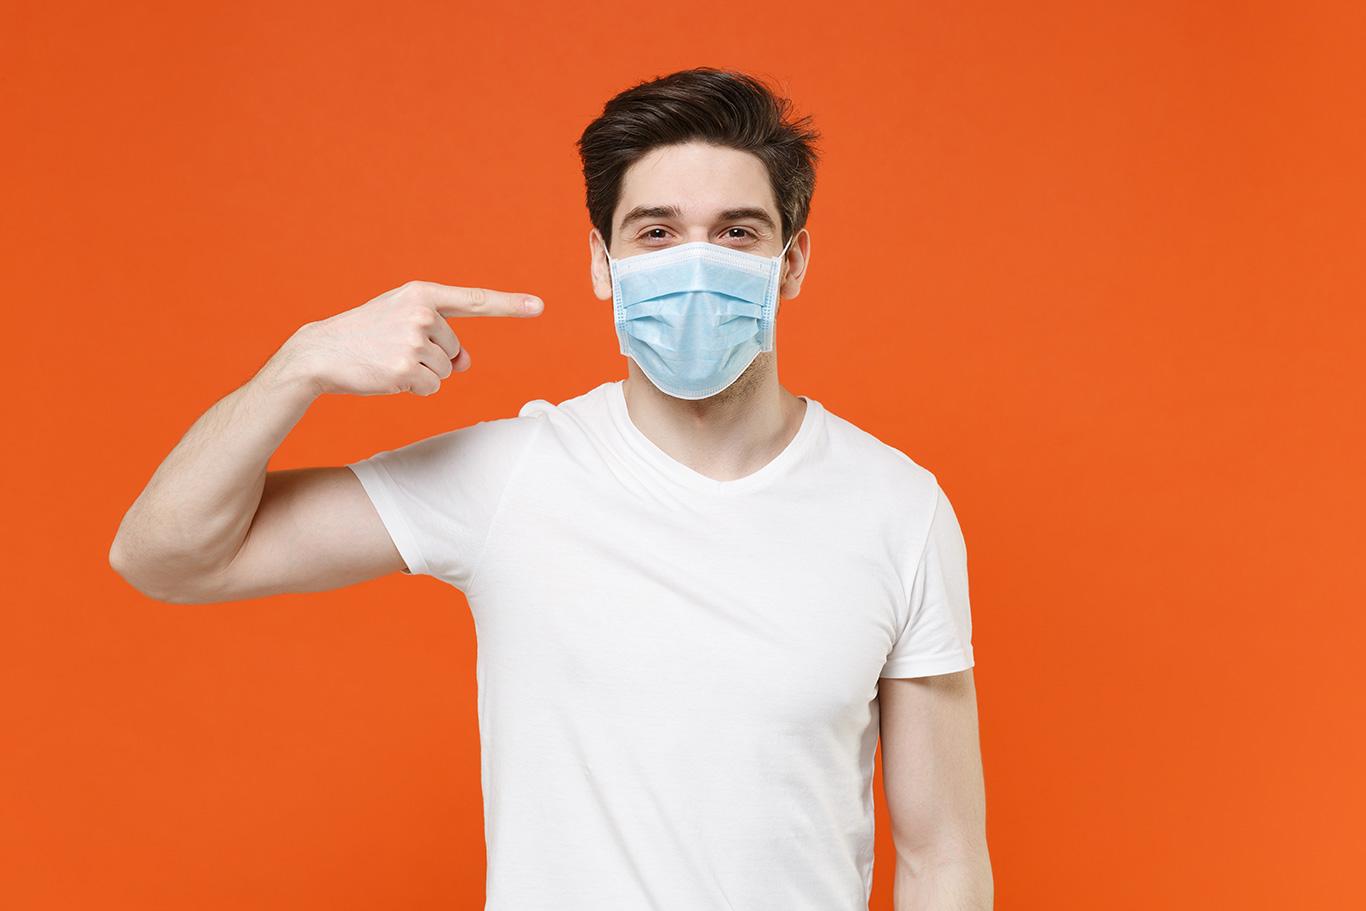 မျက်နှာဖုံးကိုစနစ်တကျဝတ်ဆင်  ခြင် းနှင့်ပတ်သတ်ပြီး/マスク着用について